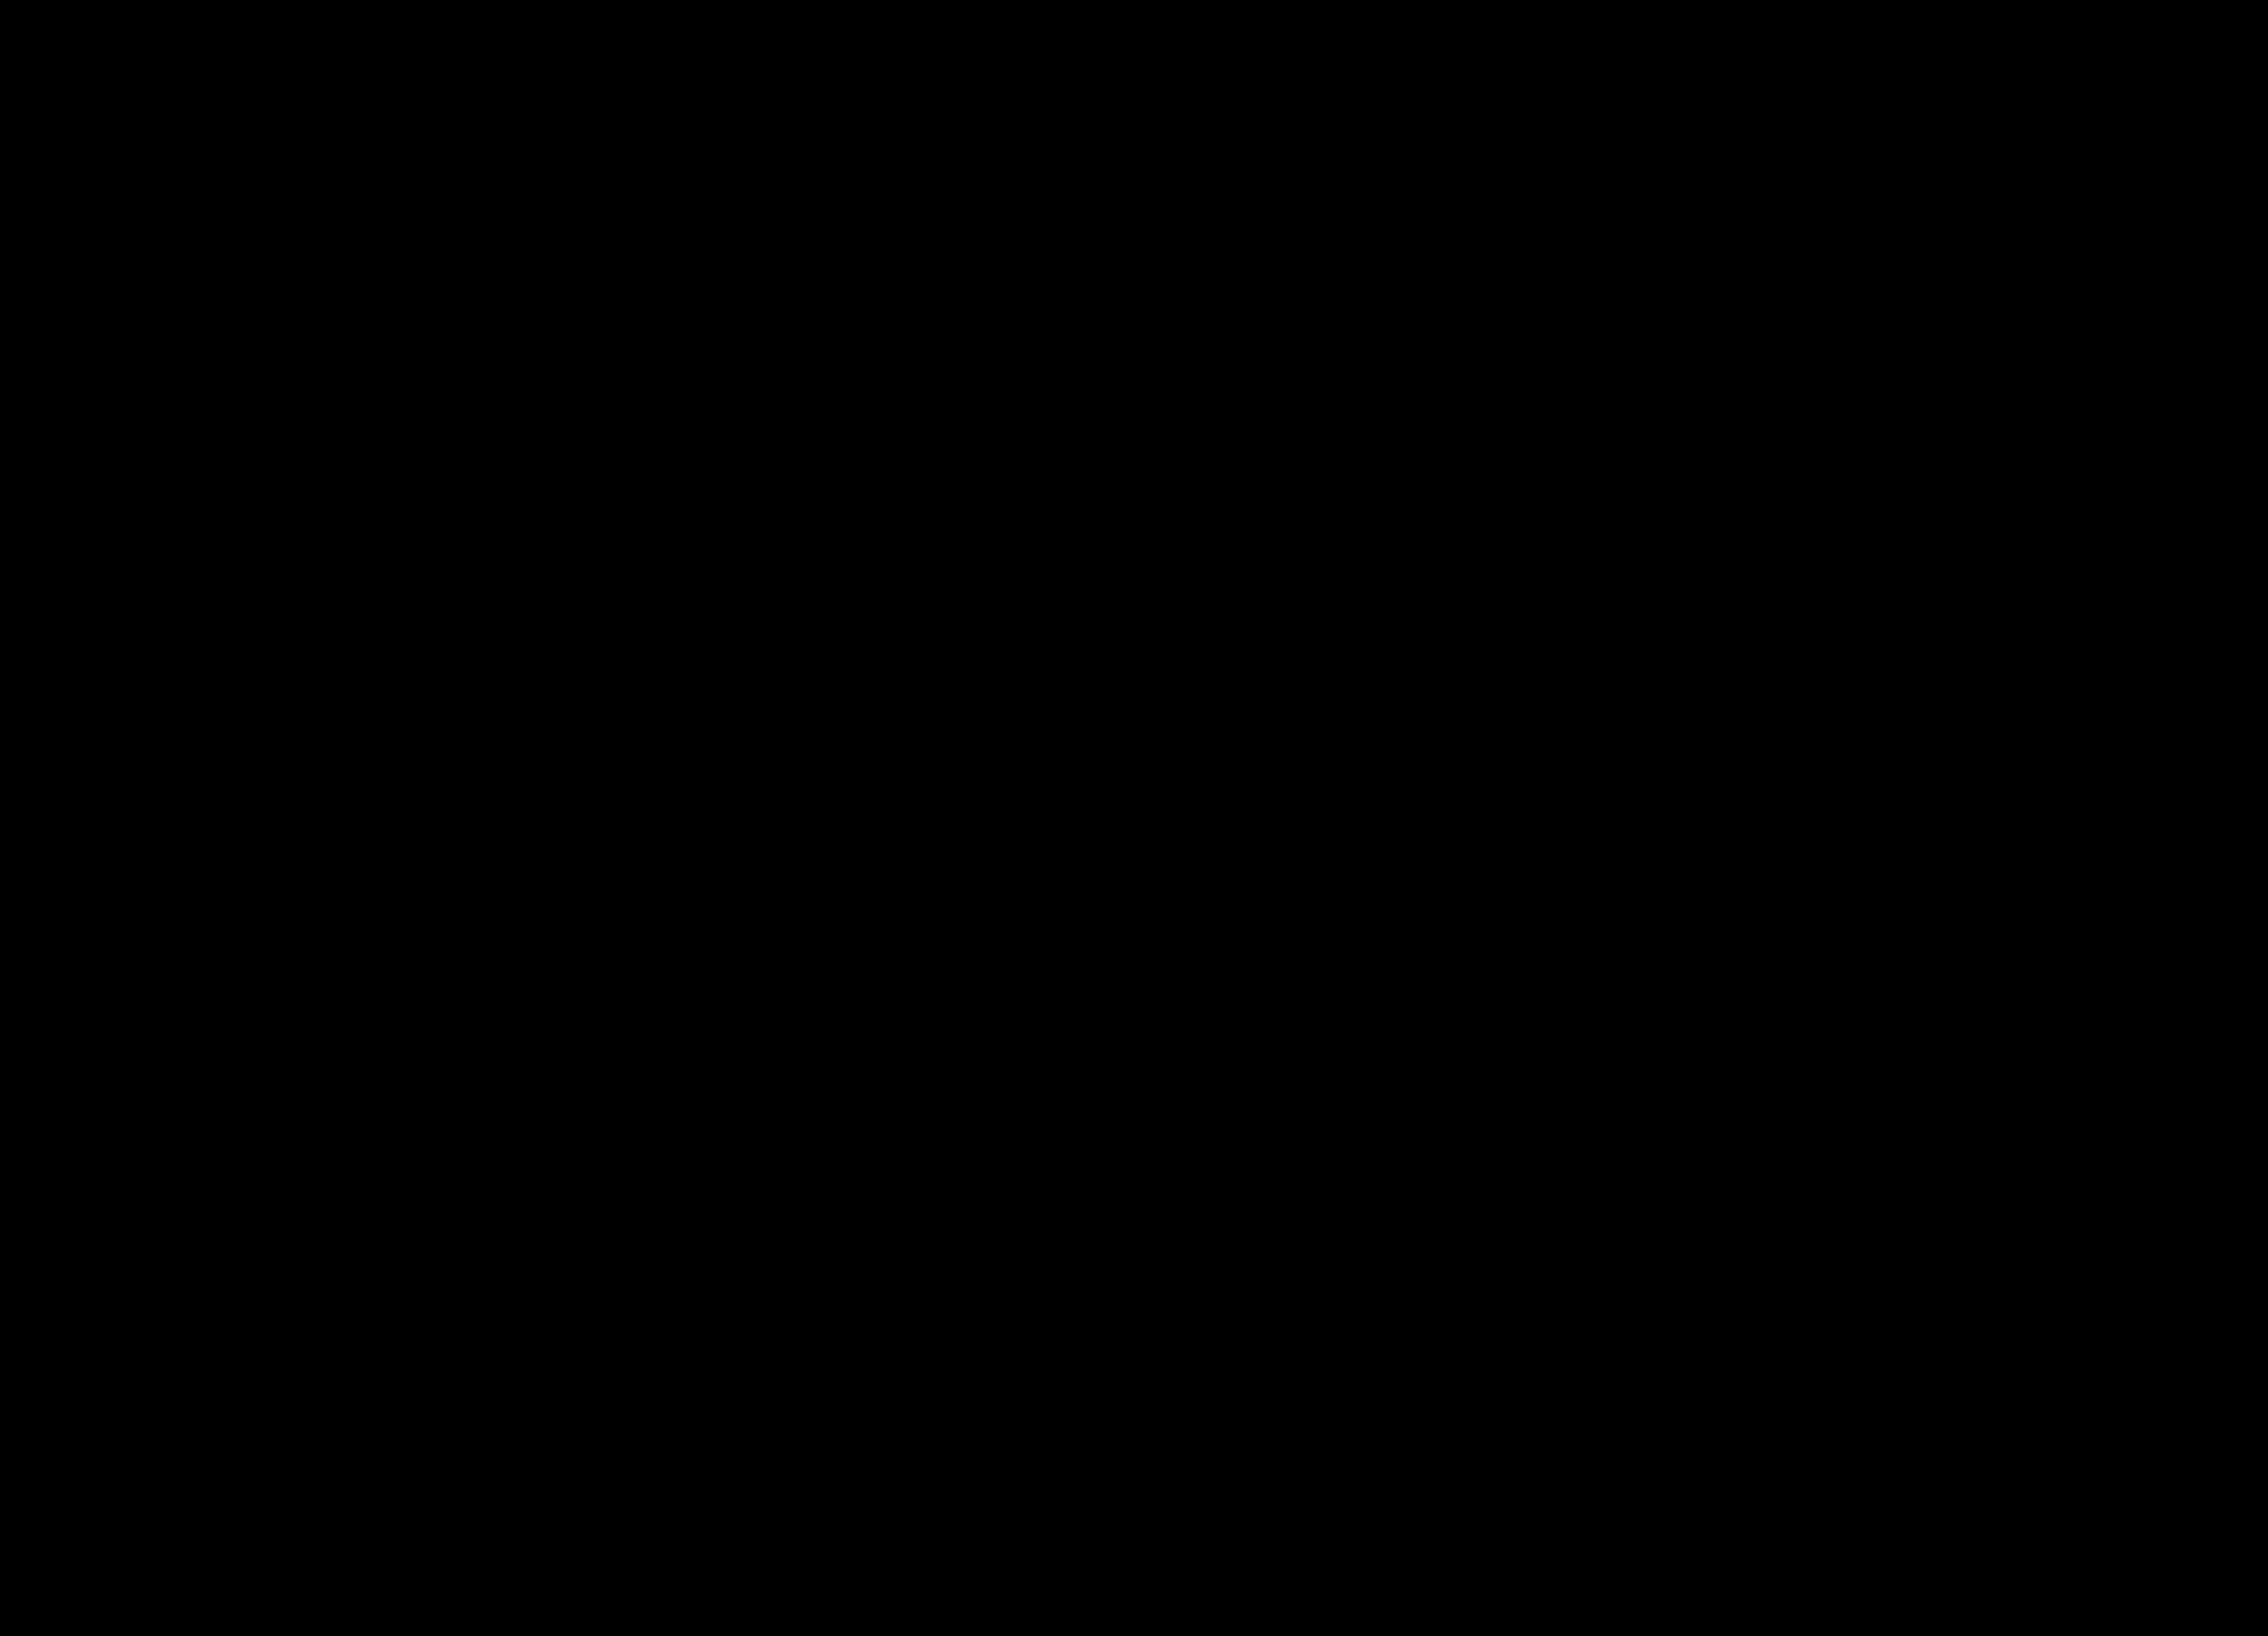 symfonia anielska 2017 - 9